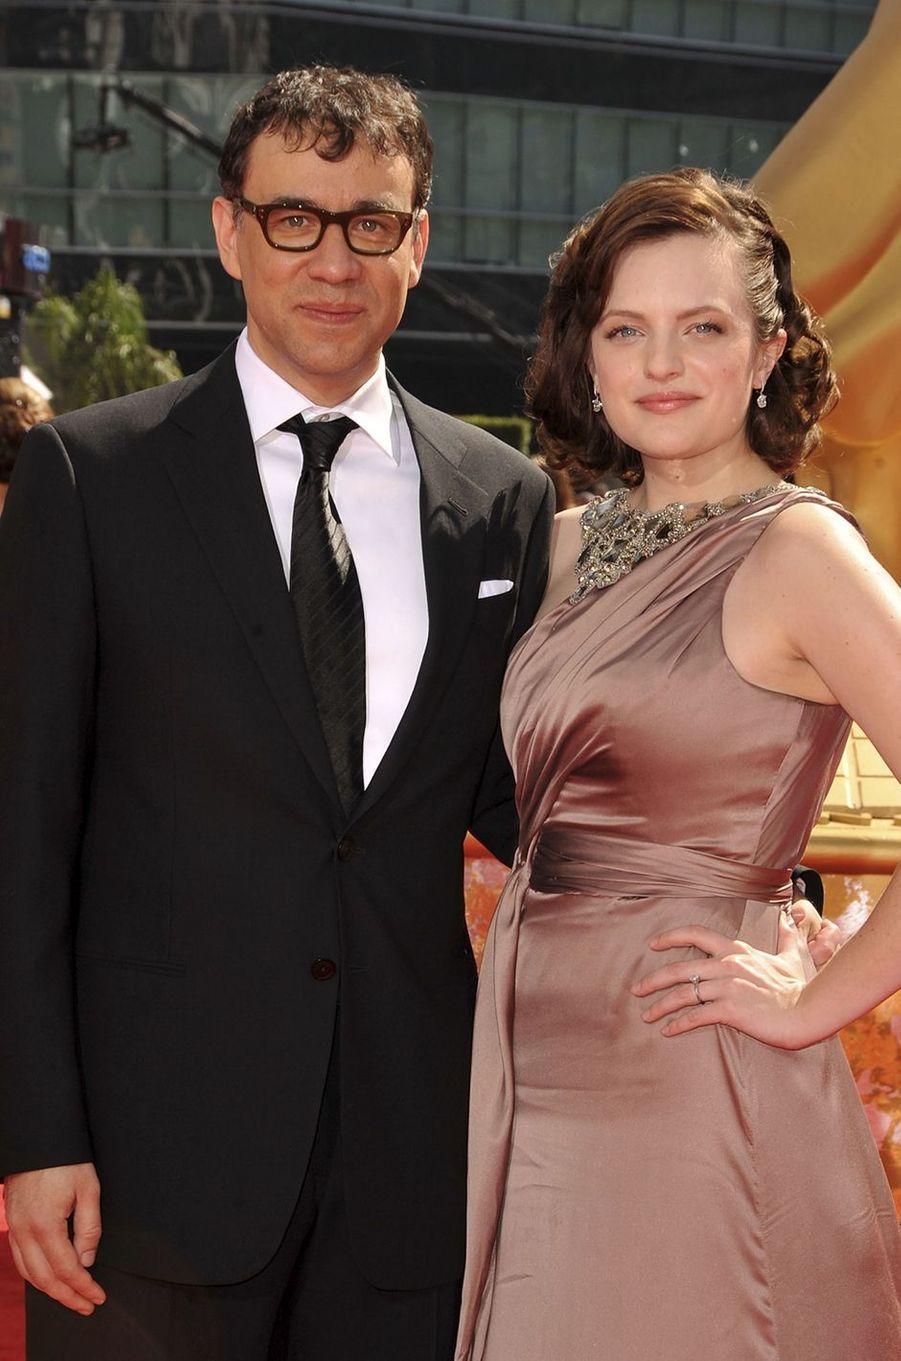 Fred Armisen et Elisabeth Moss s'étaient mariés en 2009, quelques mois seulement après s'être rencontrés sur le plateau du «SNL», où l'actrice avait fait une apparition et où le comédien était l'une des vedettes depuis 2002. Elle avait finalement demandé le divorce en 2010. «J'ai été un mari affreux. Je veux tout très vite. Je veux me marier, vivre à deux, et puis après une ou deux années, je flippe», disait le comédien dans l'émission de radio d'Howard Stern en 2013.